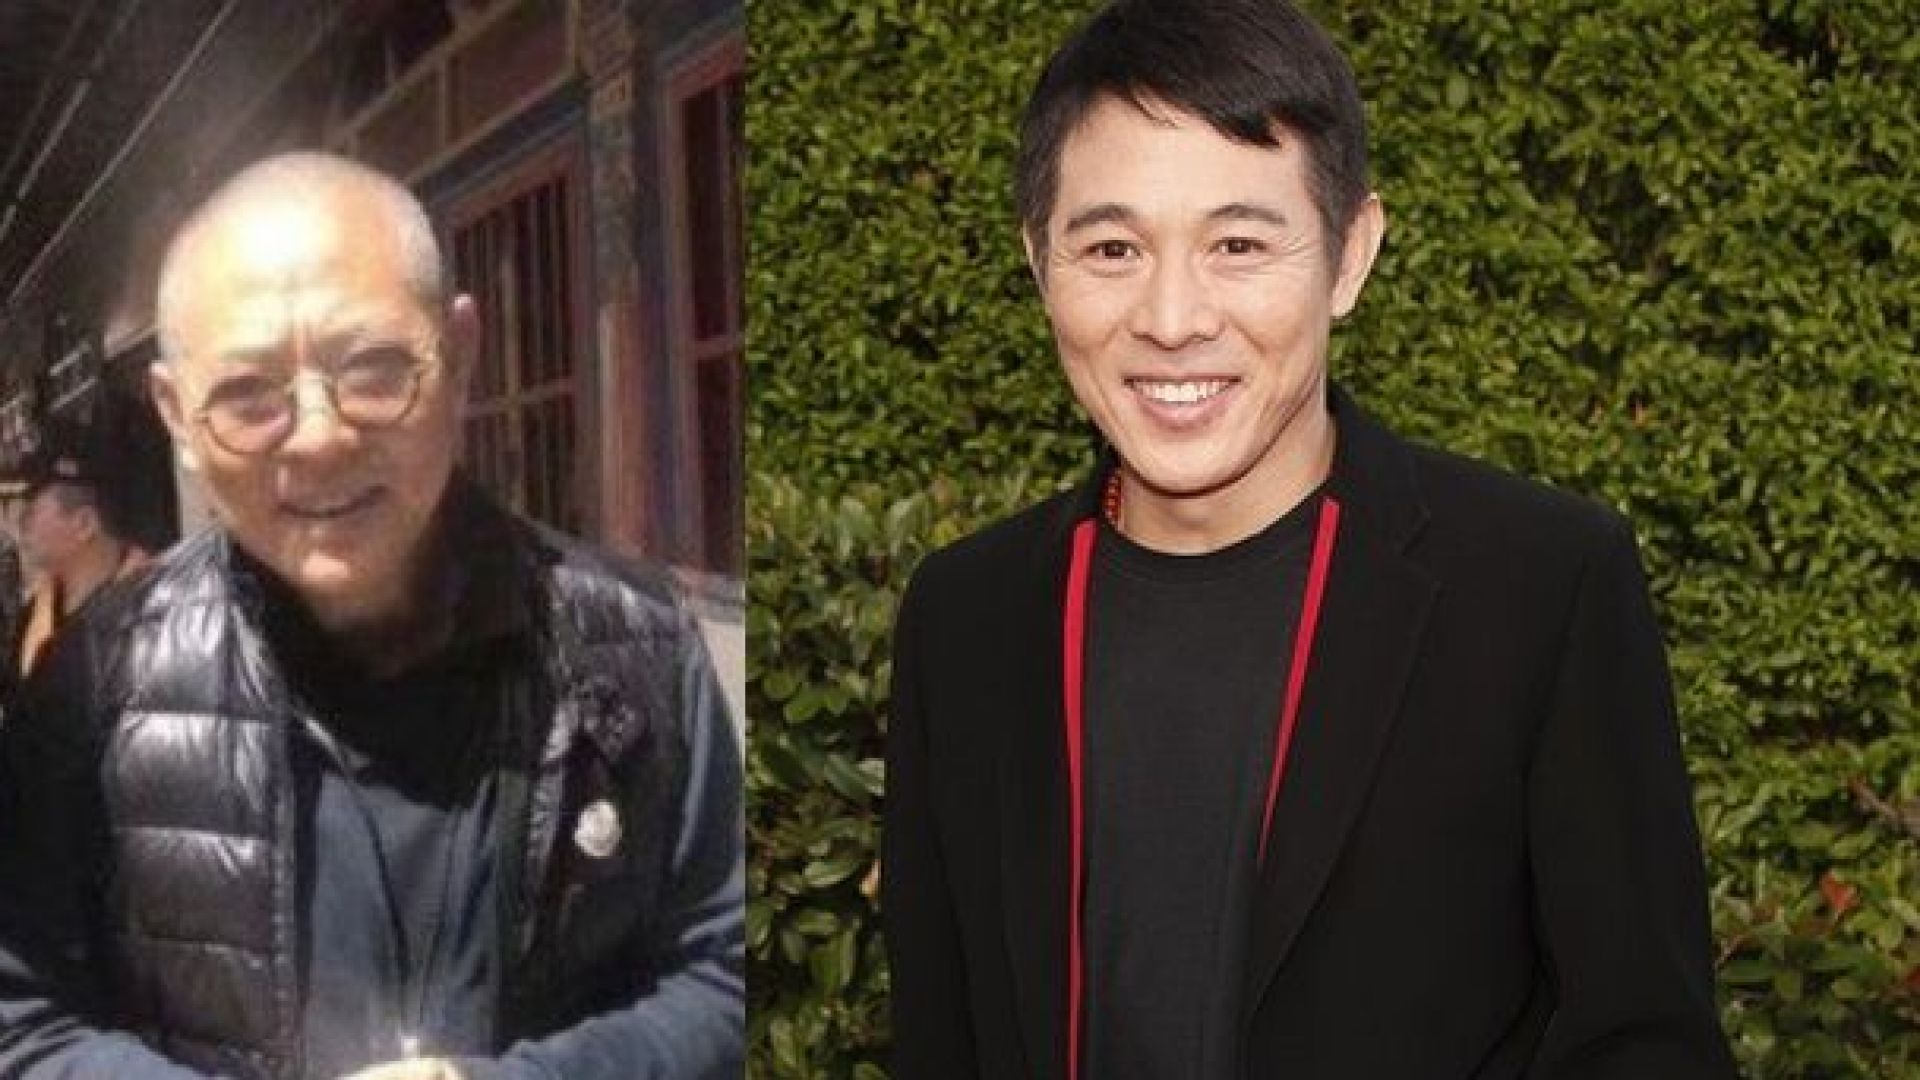 Шокиращи снимки на 55-годишния Джет Ли. Какво се случва с него